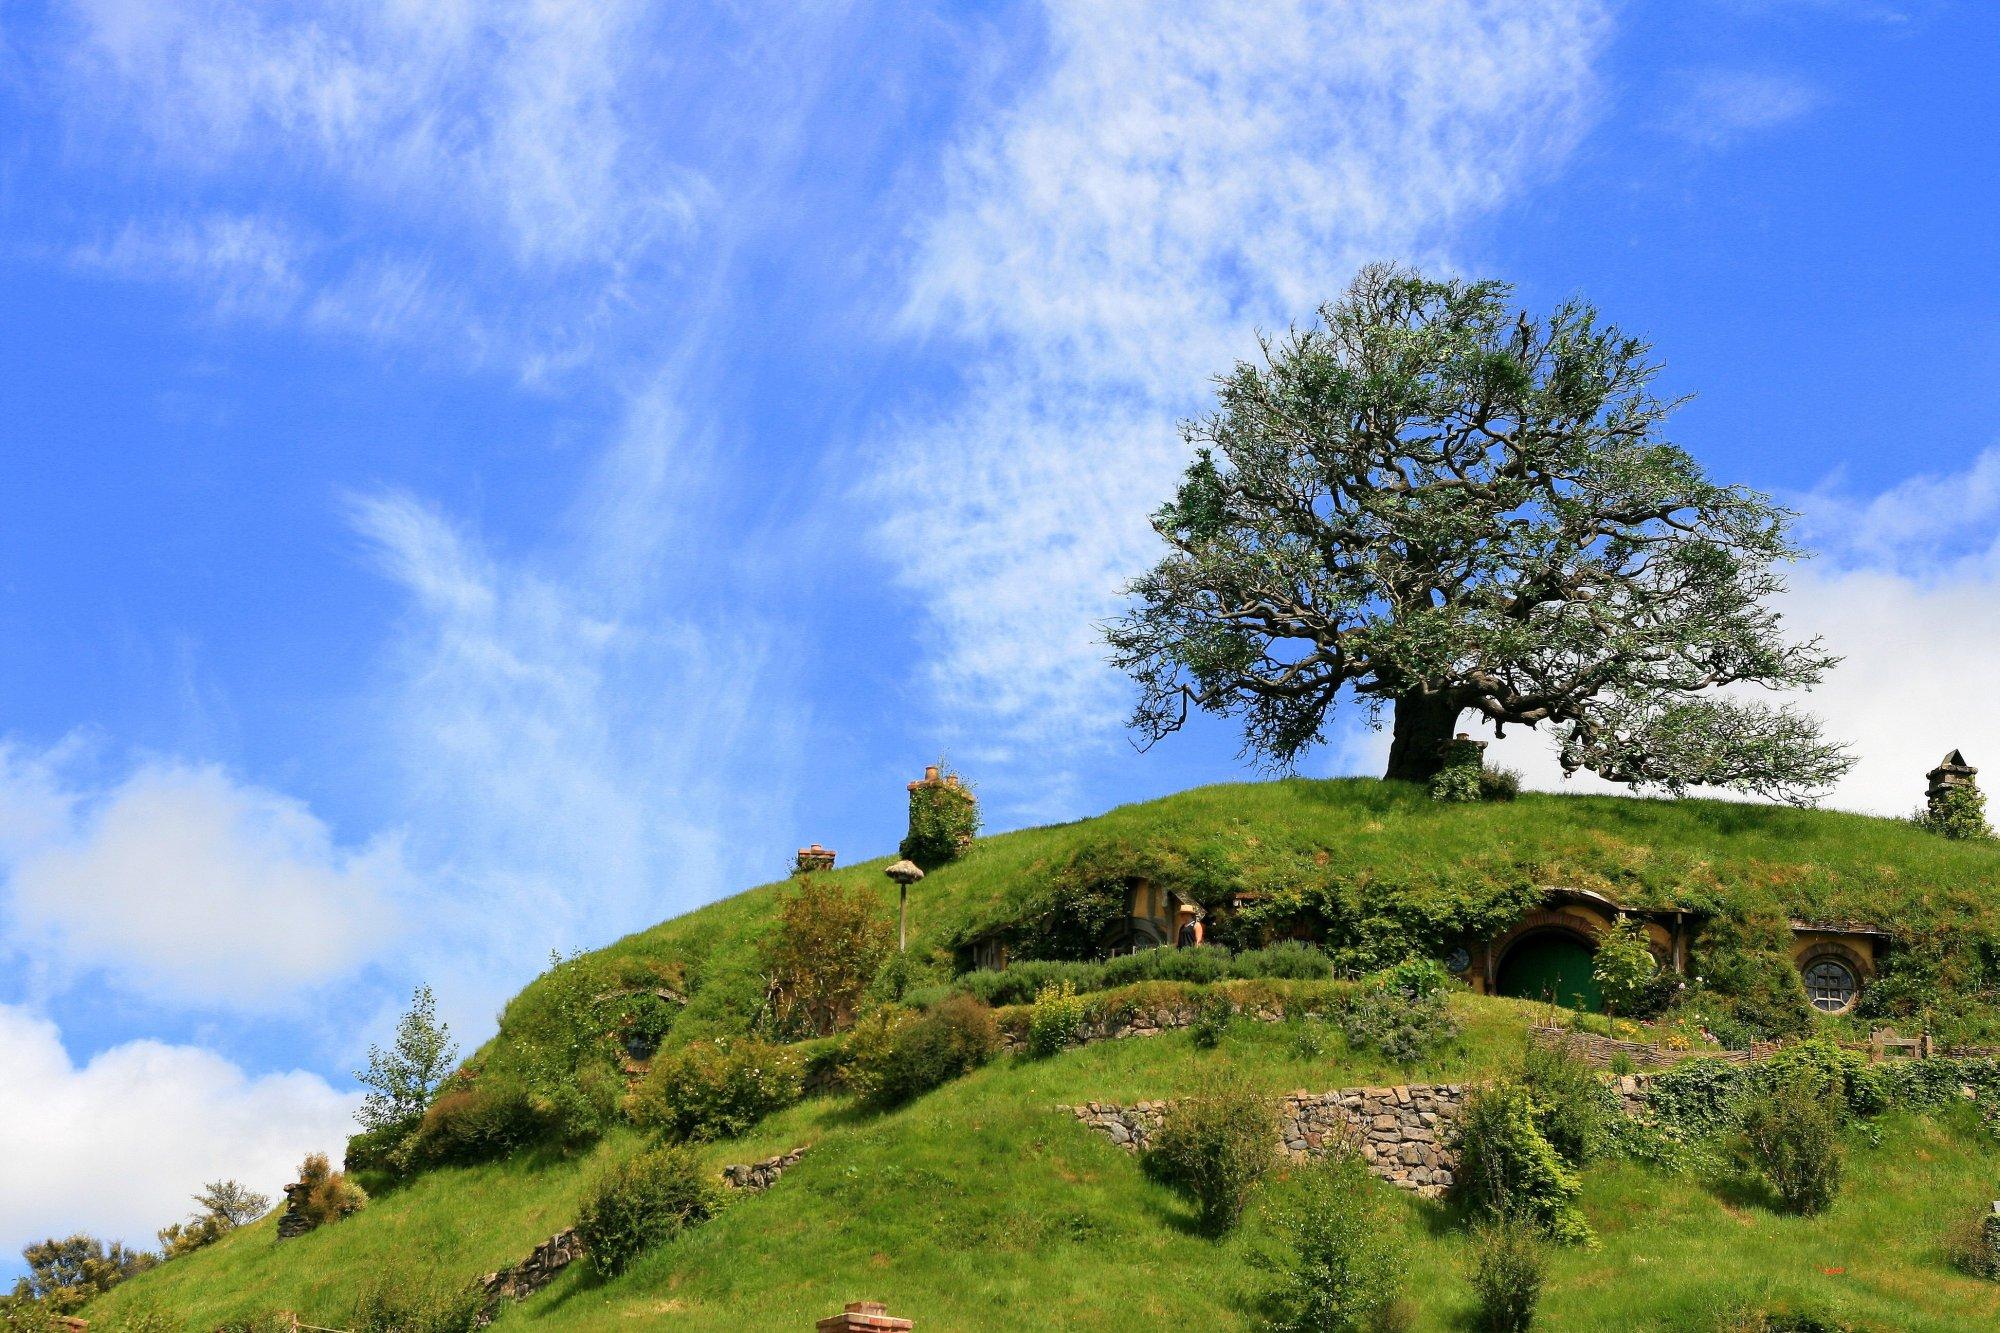 Hobbit Pub Bag End Hobbiton Film Set New Zealand Hd Wallpaper